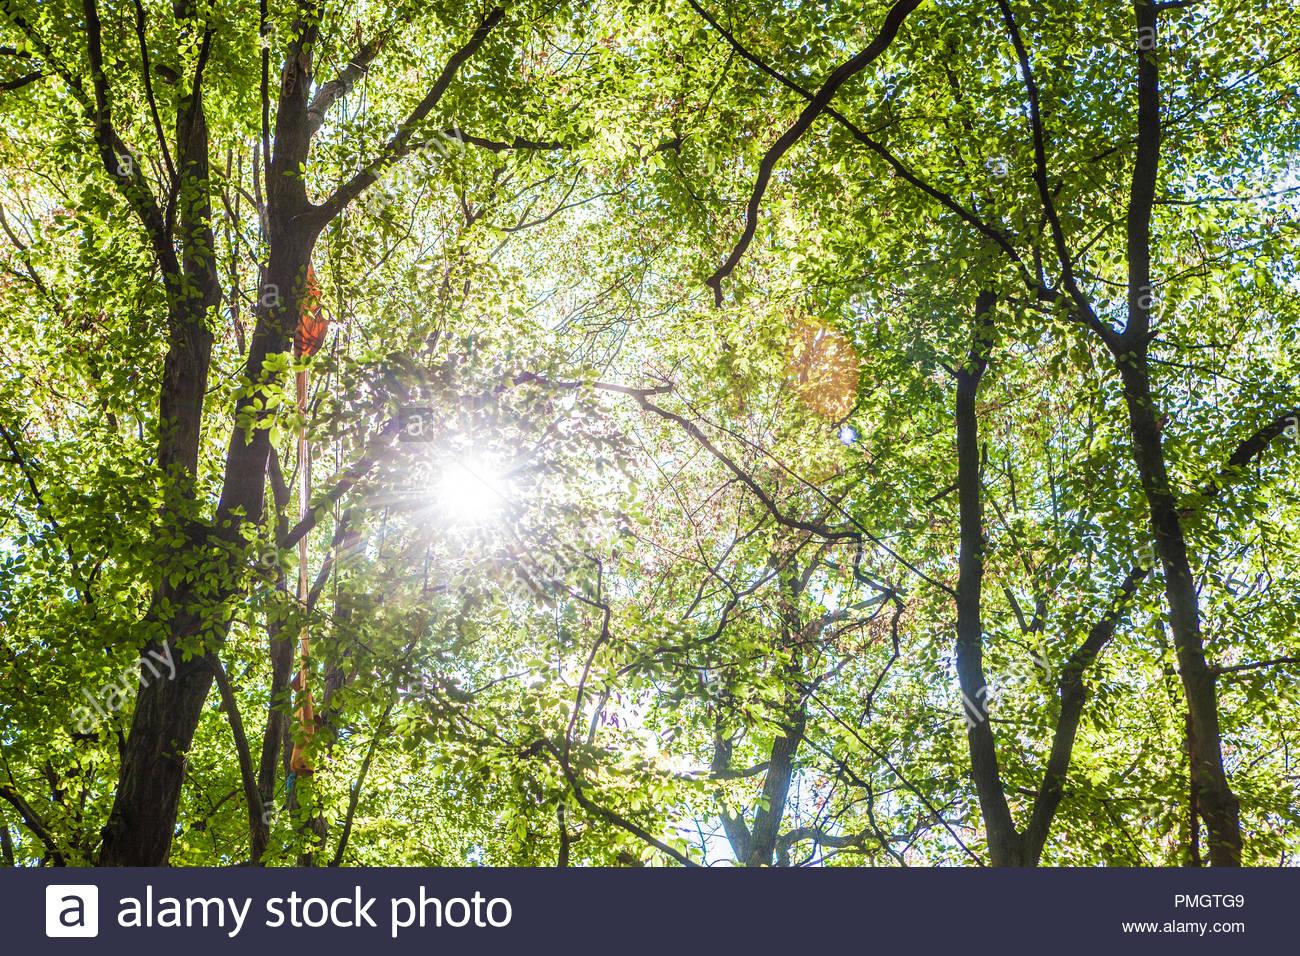 Kletterausrüstung Forst : Bäume am hambacher forst wald in der nähe von düren deutschland